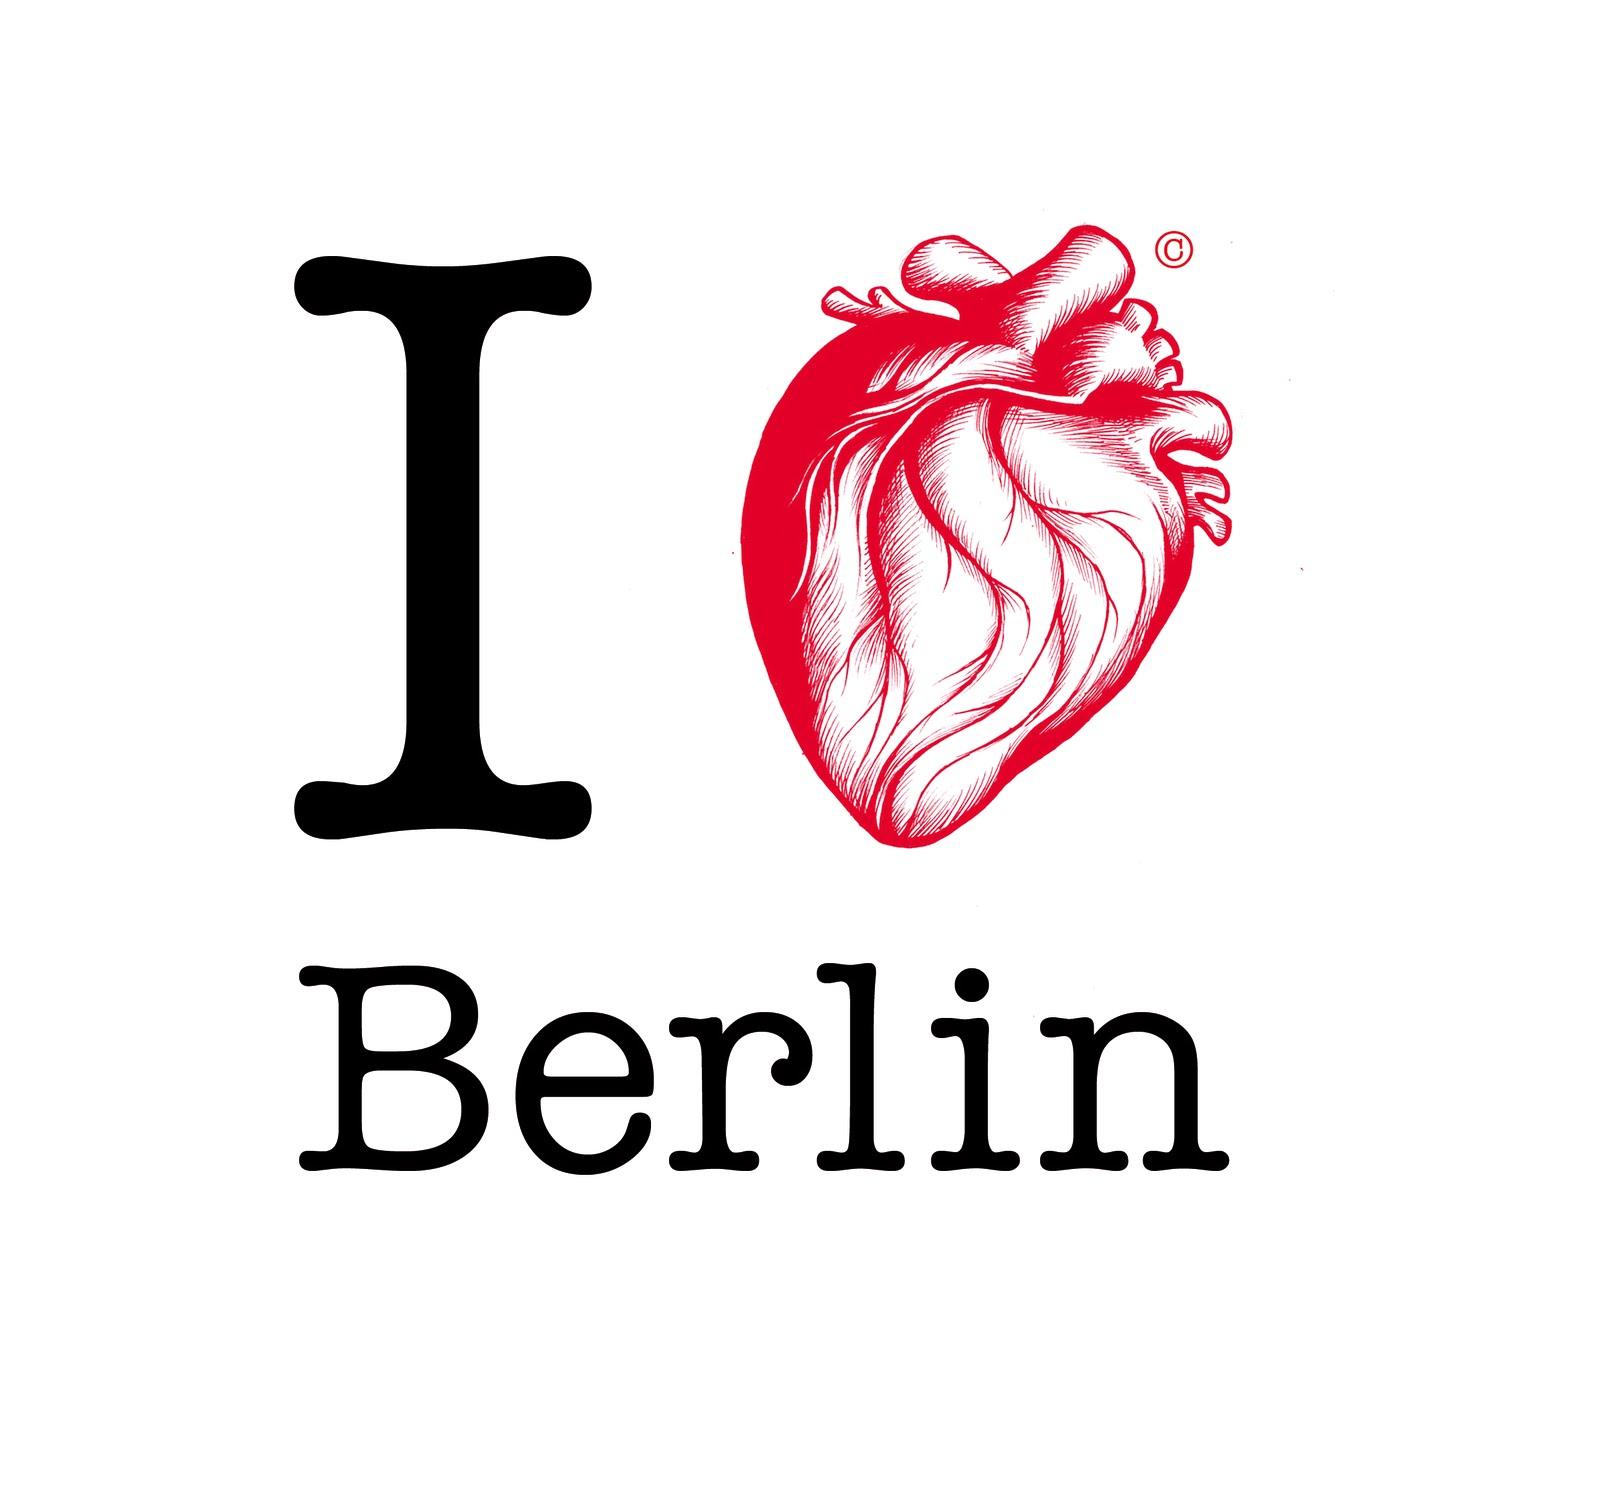 http://1.bp.blogspot.com/_pVdJuQj44Xg/TC-j-mPNvmI/AAAAAAAAANI/YI6rt8_8Clg/s1600/Herz_Berlin.jpg